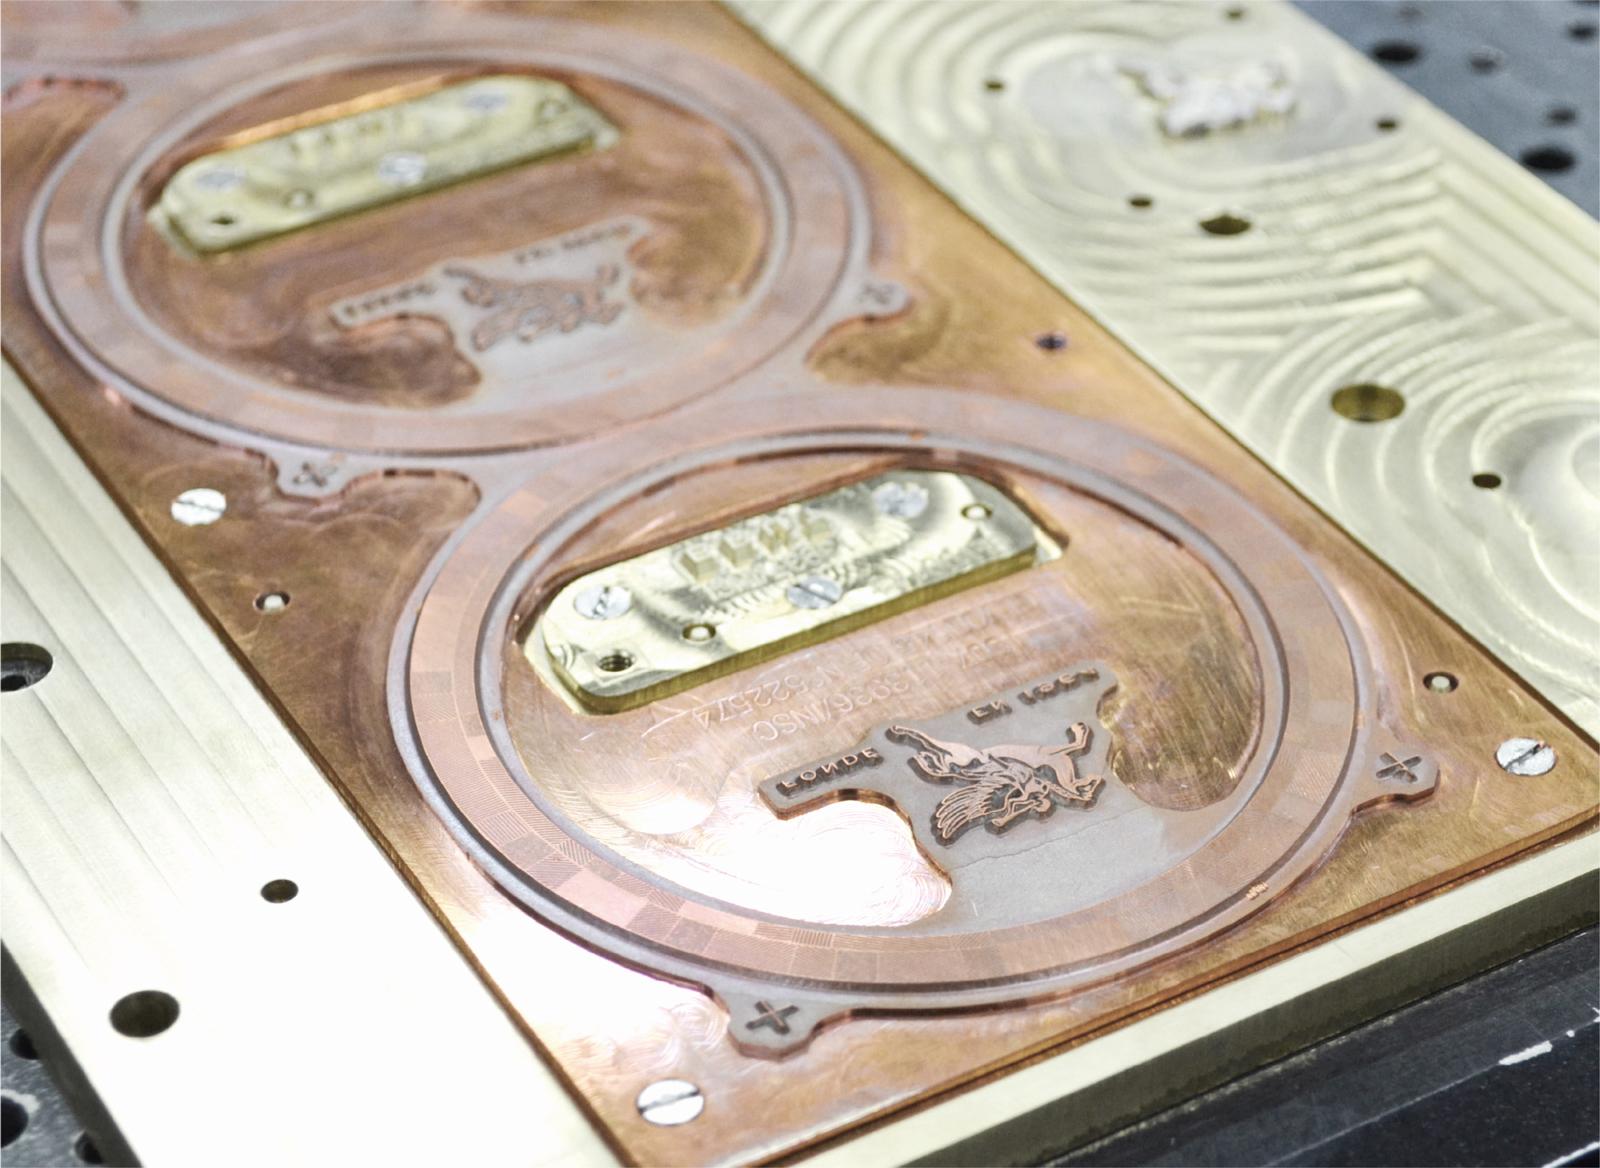 Production Champagne Jacquart - Un design pensé par l'agence de design de Paris Partisan du Sens.